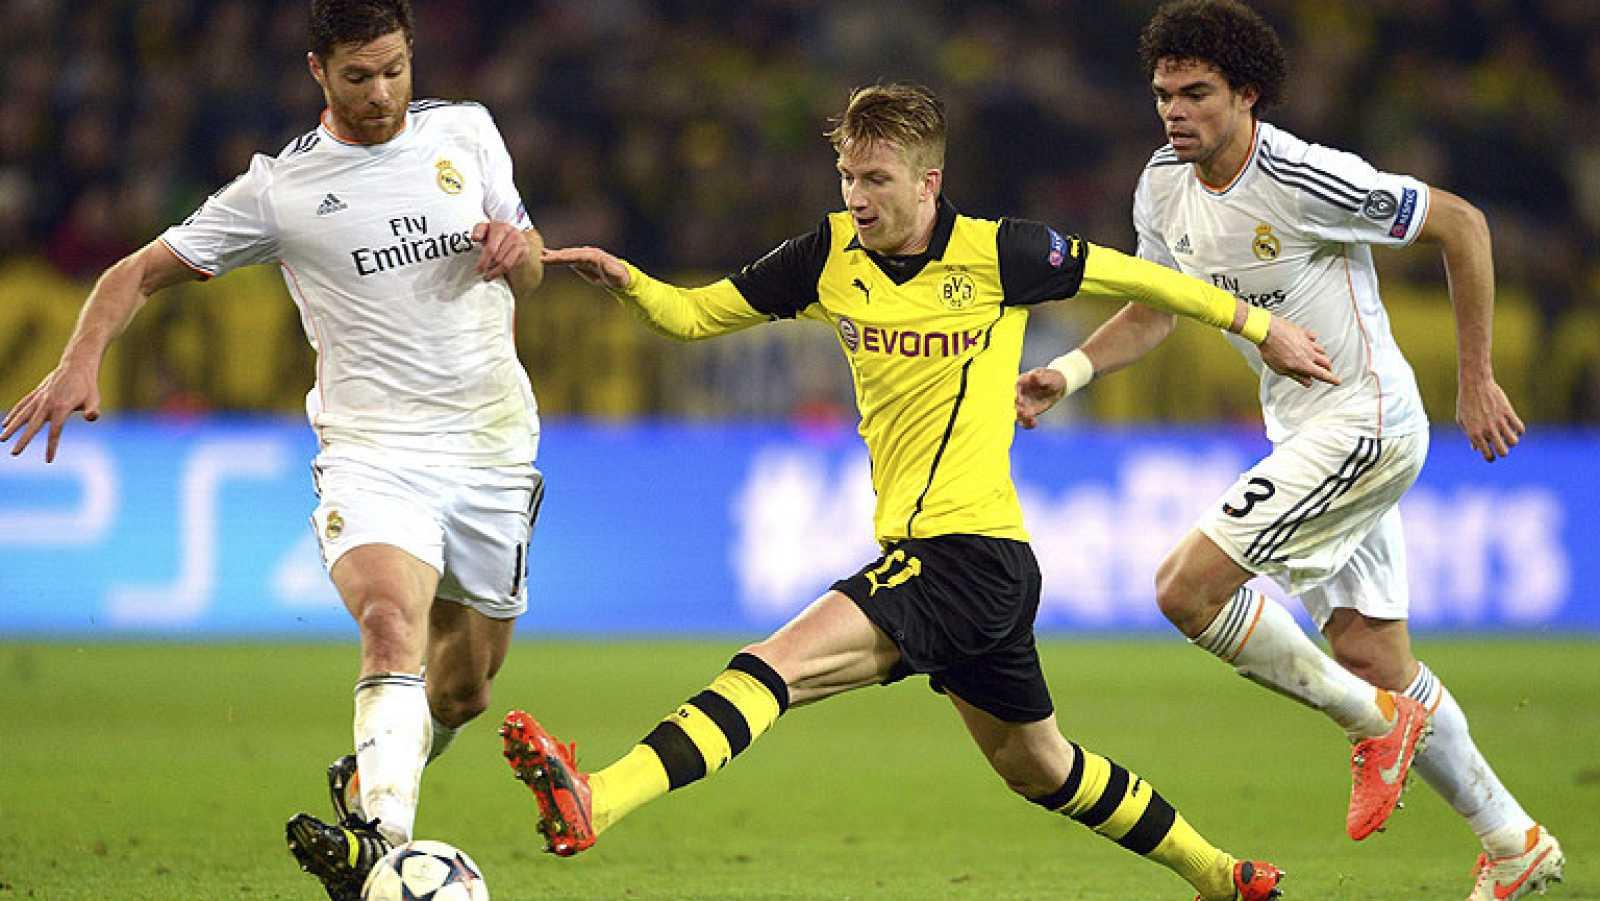 El Real Madrid cayó ante el Borussia Dortmund por 2-0 pero consiguió el pase a semifinales gracias al 3-0 logrado en el Bernabéu.